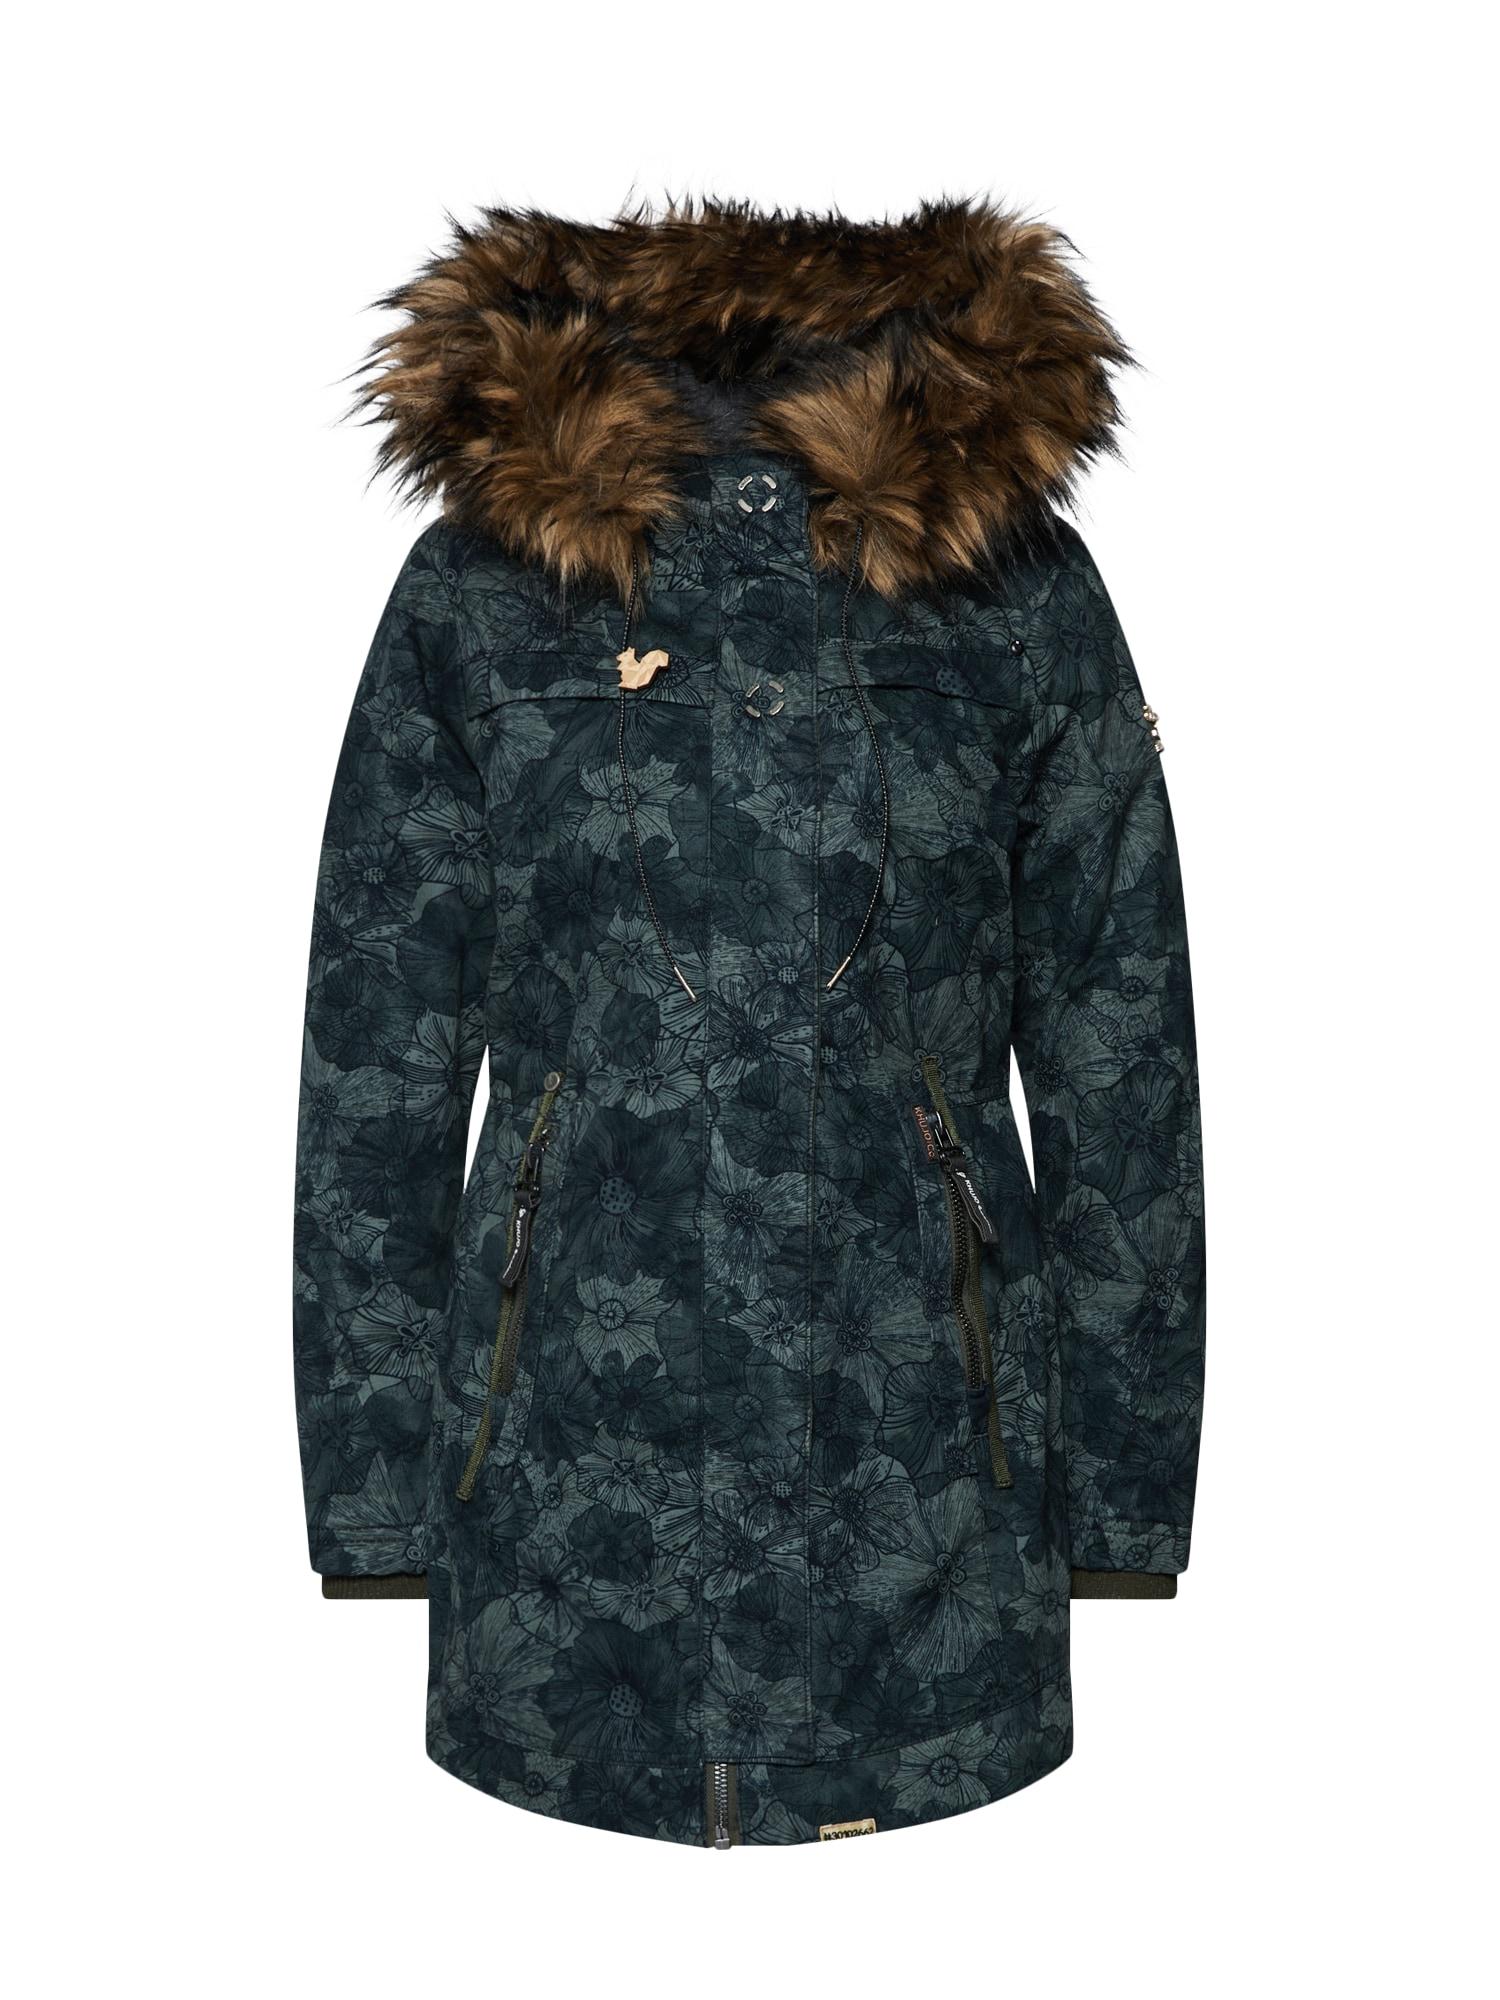 Zimní bunda BANITA WITH IJ (HQ7) antracitová zelená Khujo